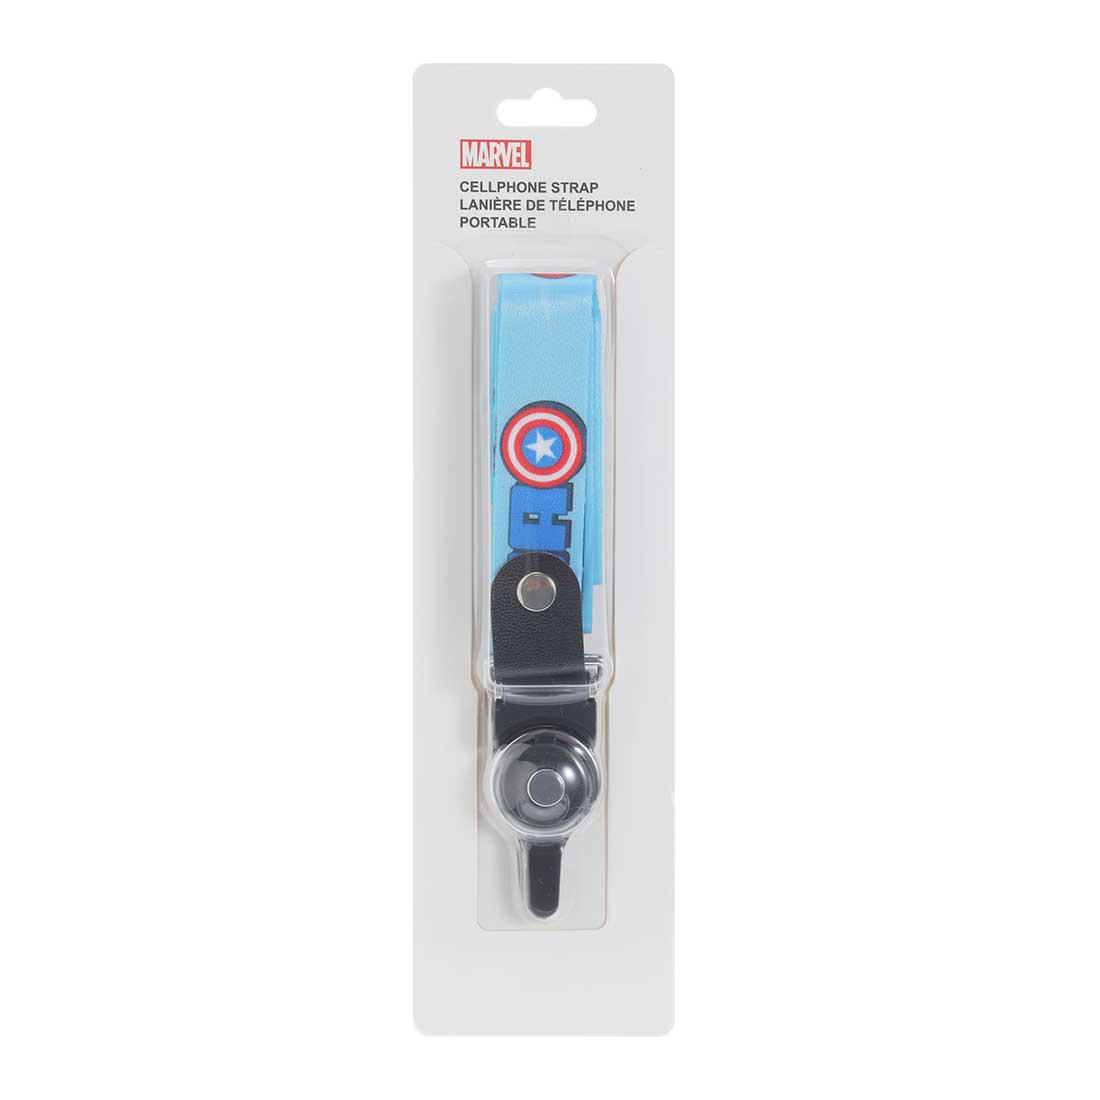 Dây đeo điện thoại Miniso Marvel 18g (Ngẫu nhiên) - Hàng chính hãng